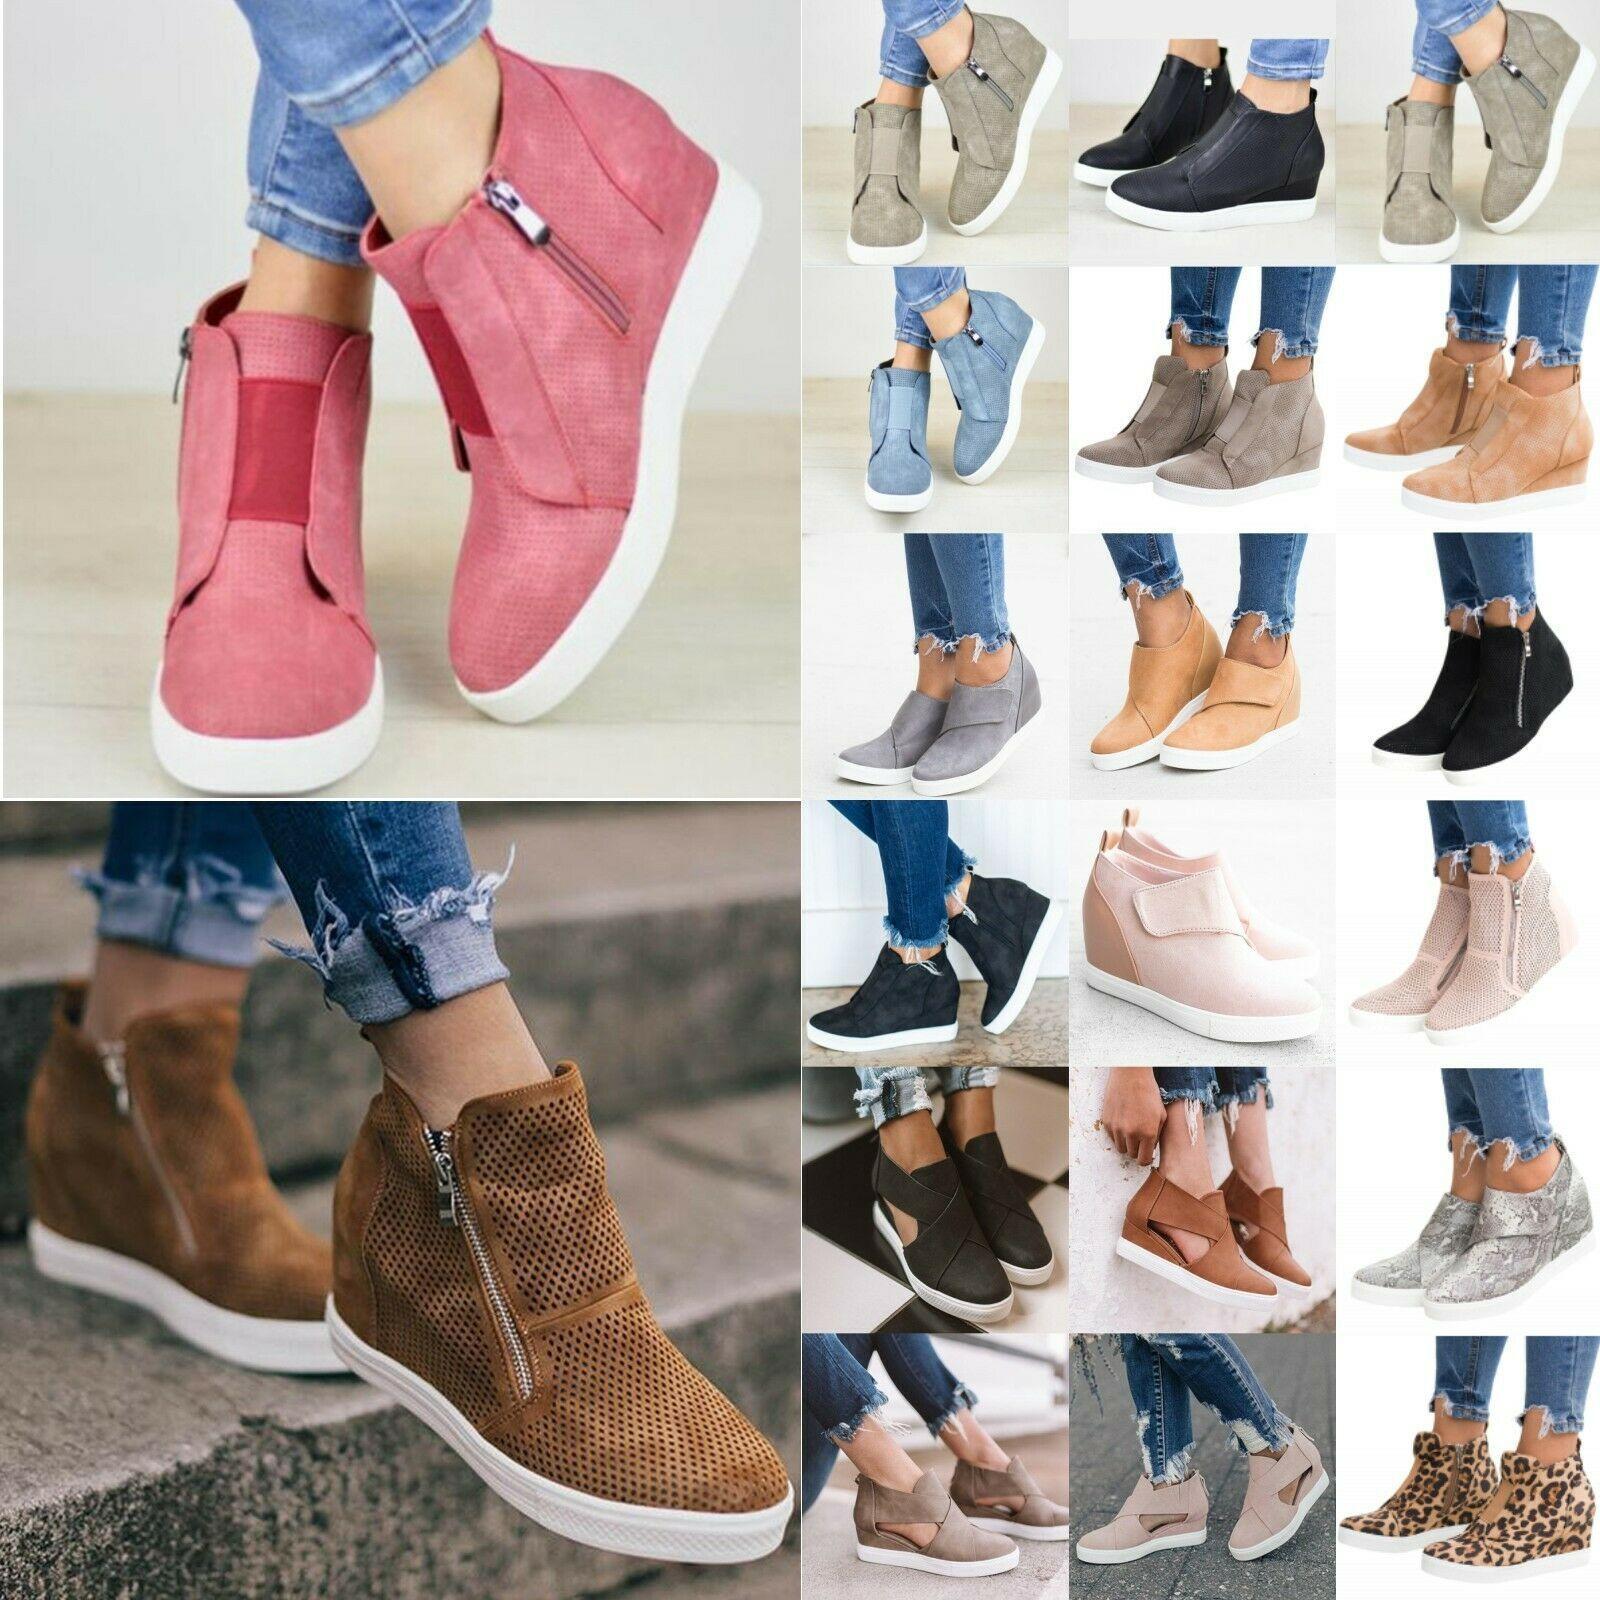 Ceniza famoso episodio  Mujer Zapatos de tacón alto con cuña oculta Botines Zapatillas Zapatillas  Zapatos de tacón alto Tallas - Botines… | Zapatos de tacon, Zapatos de  tacón alto, Zapatos